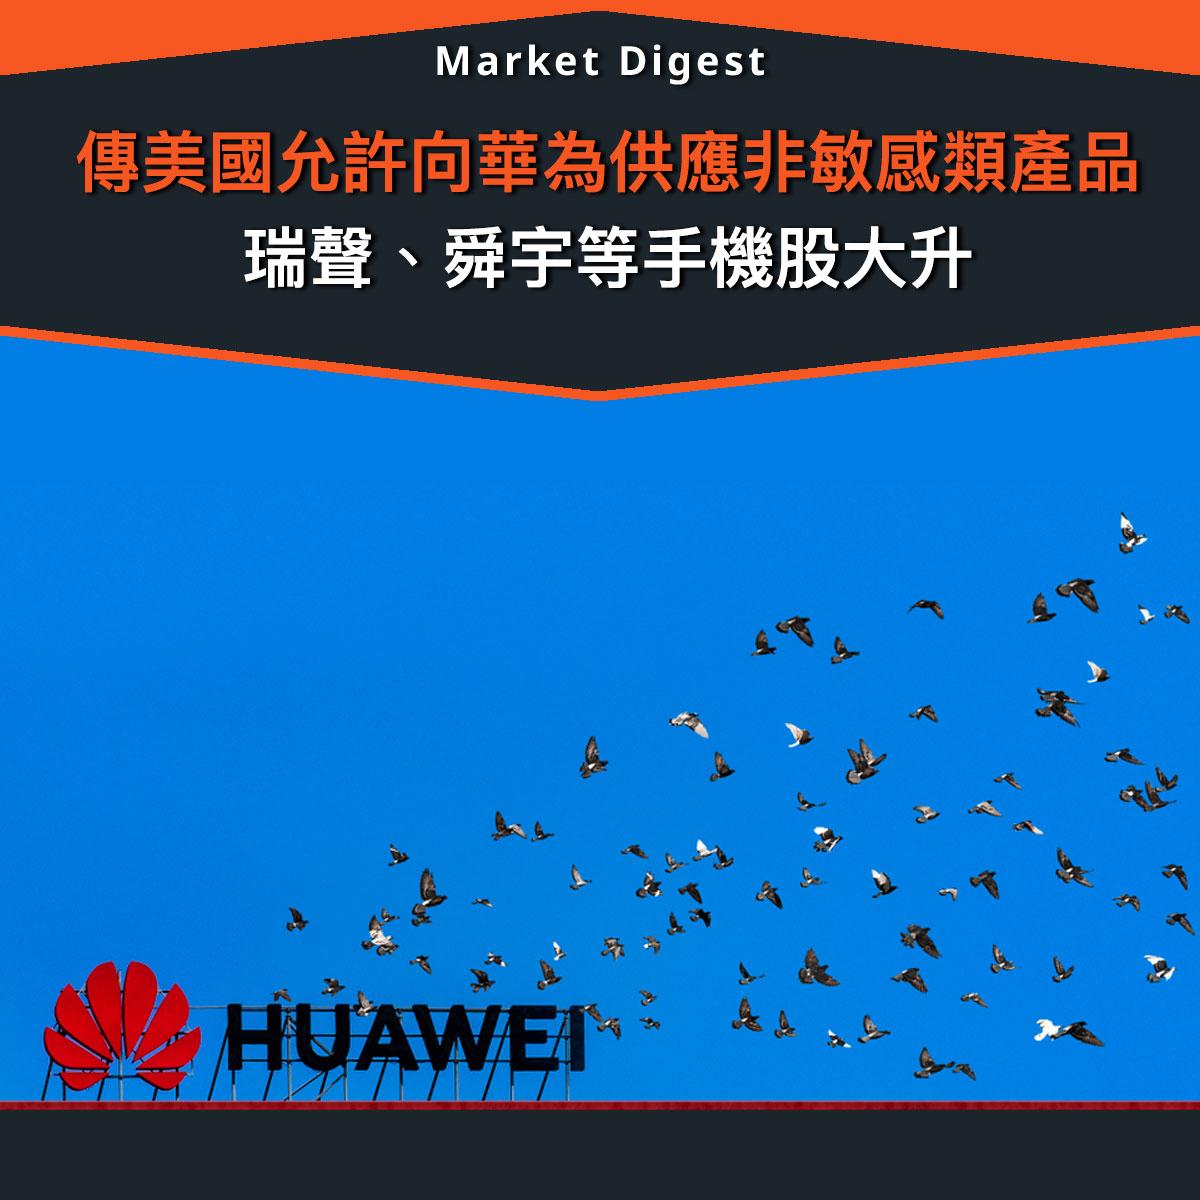 【市場熱話】傳美國允許向華為供應非敏感類產品,瑞聲、舜宇等手機股大升